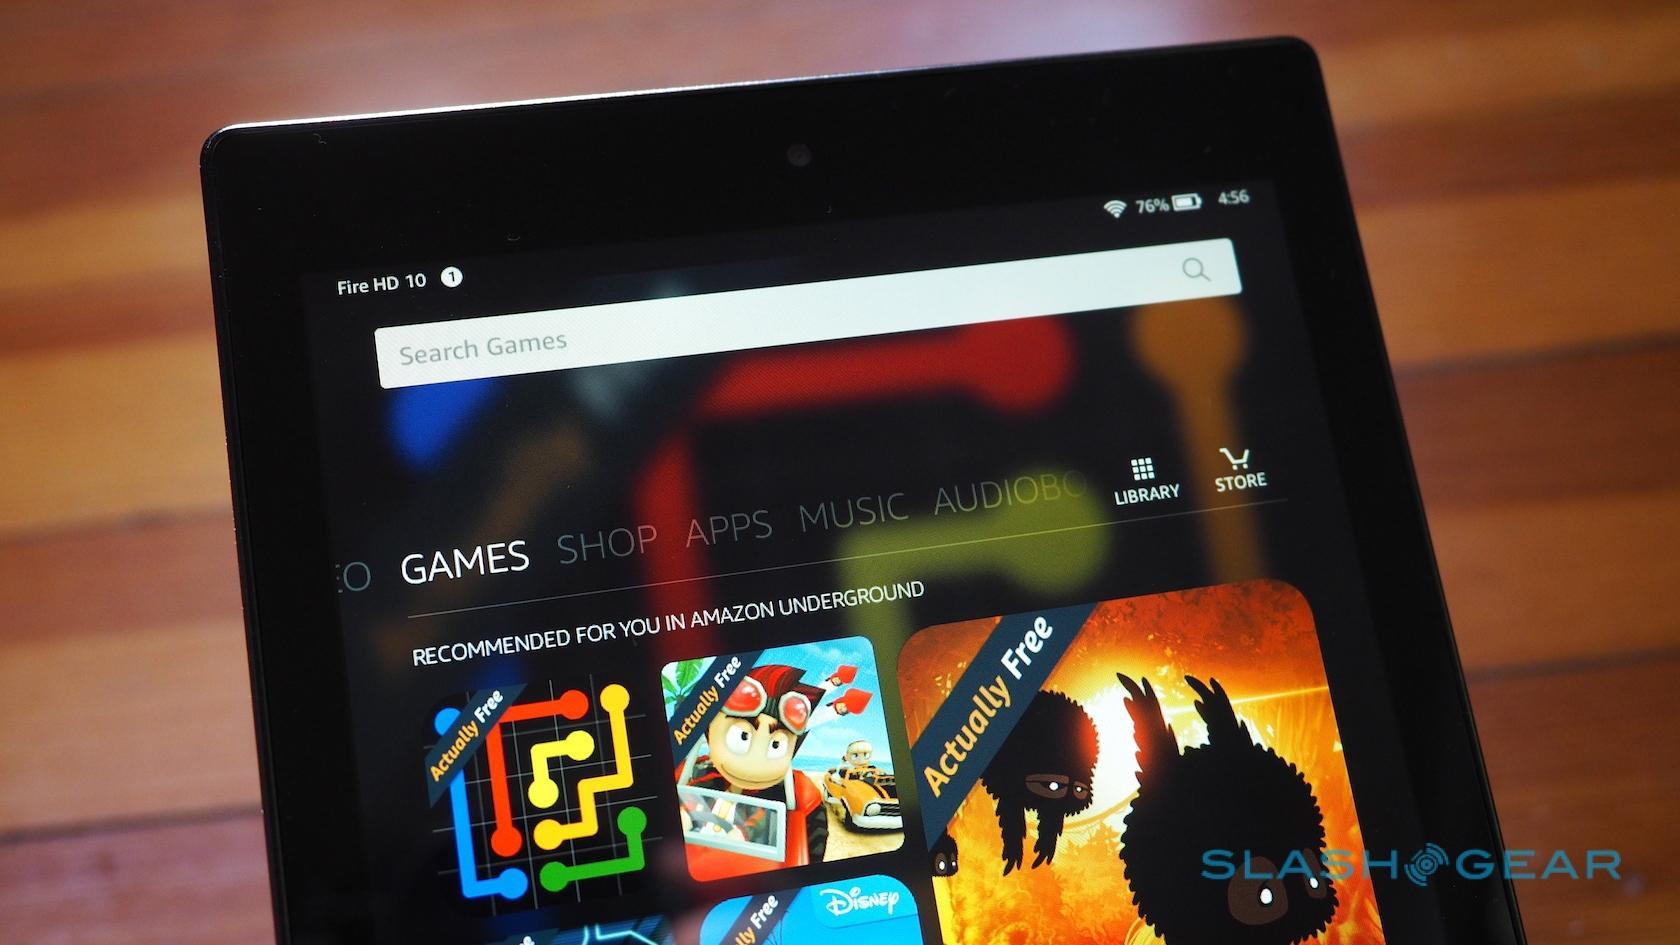 Amazon Fire HD 10 tablet gallery - SlashGear